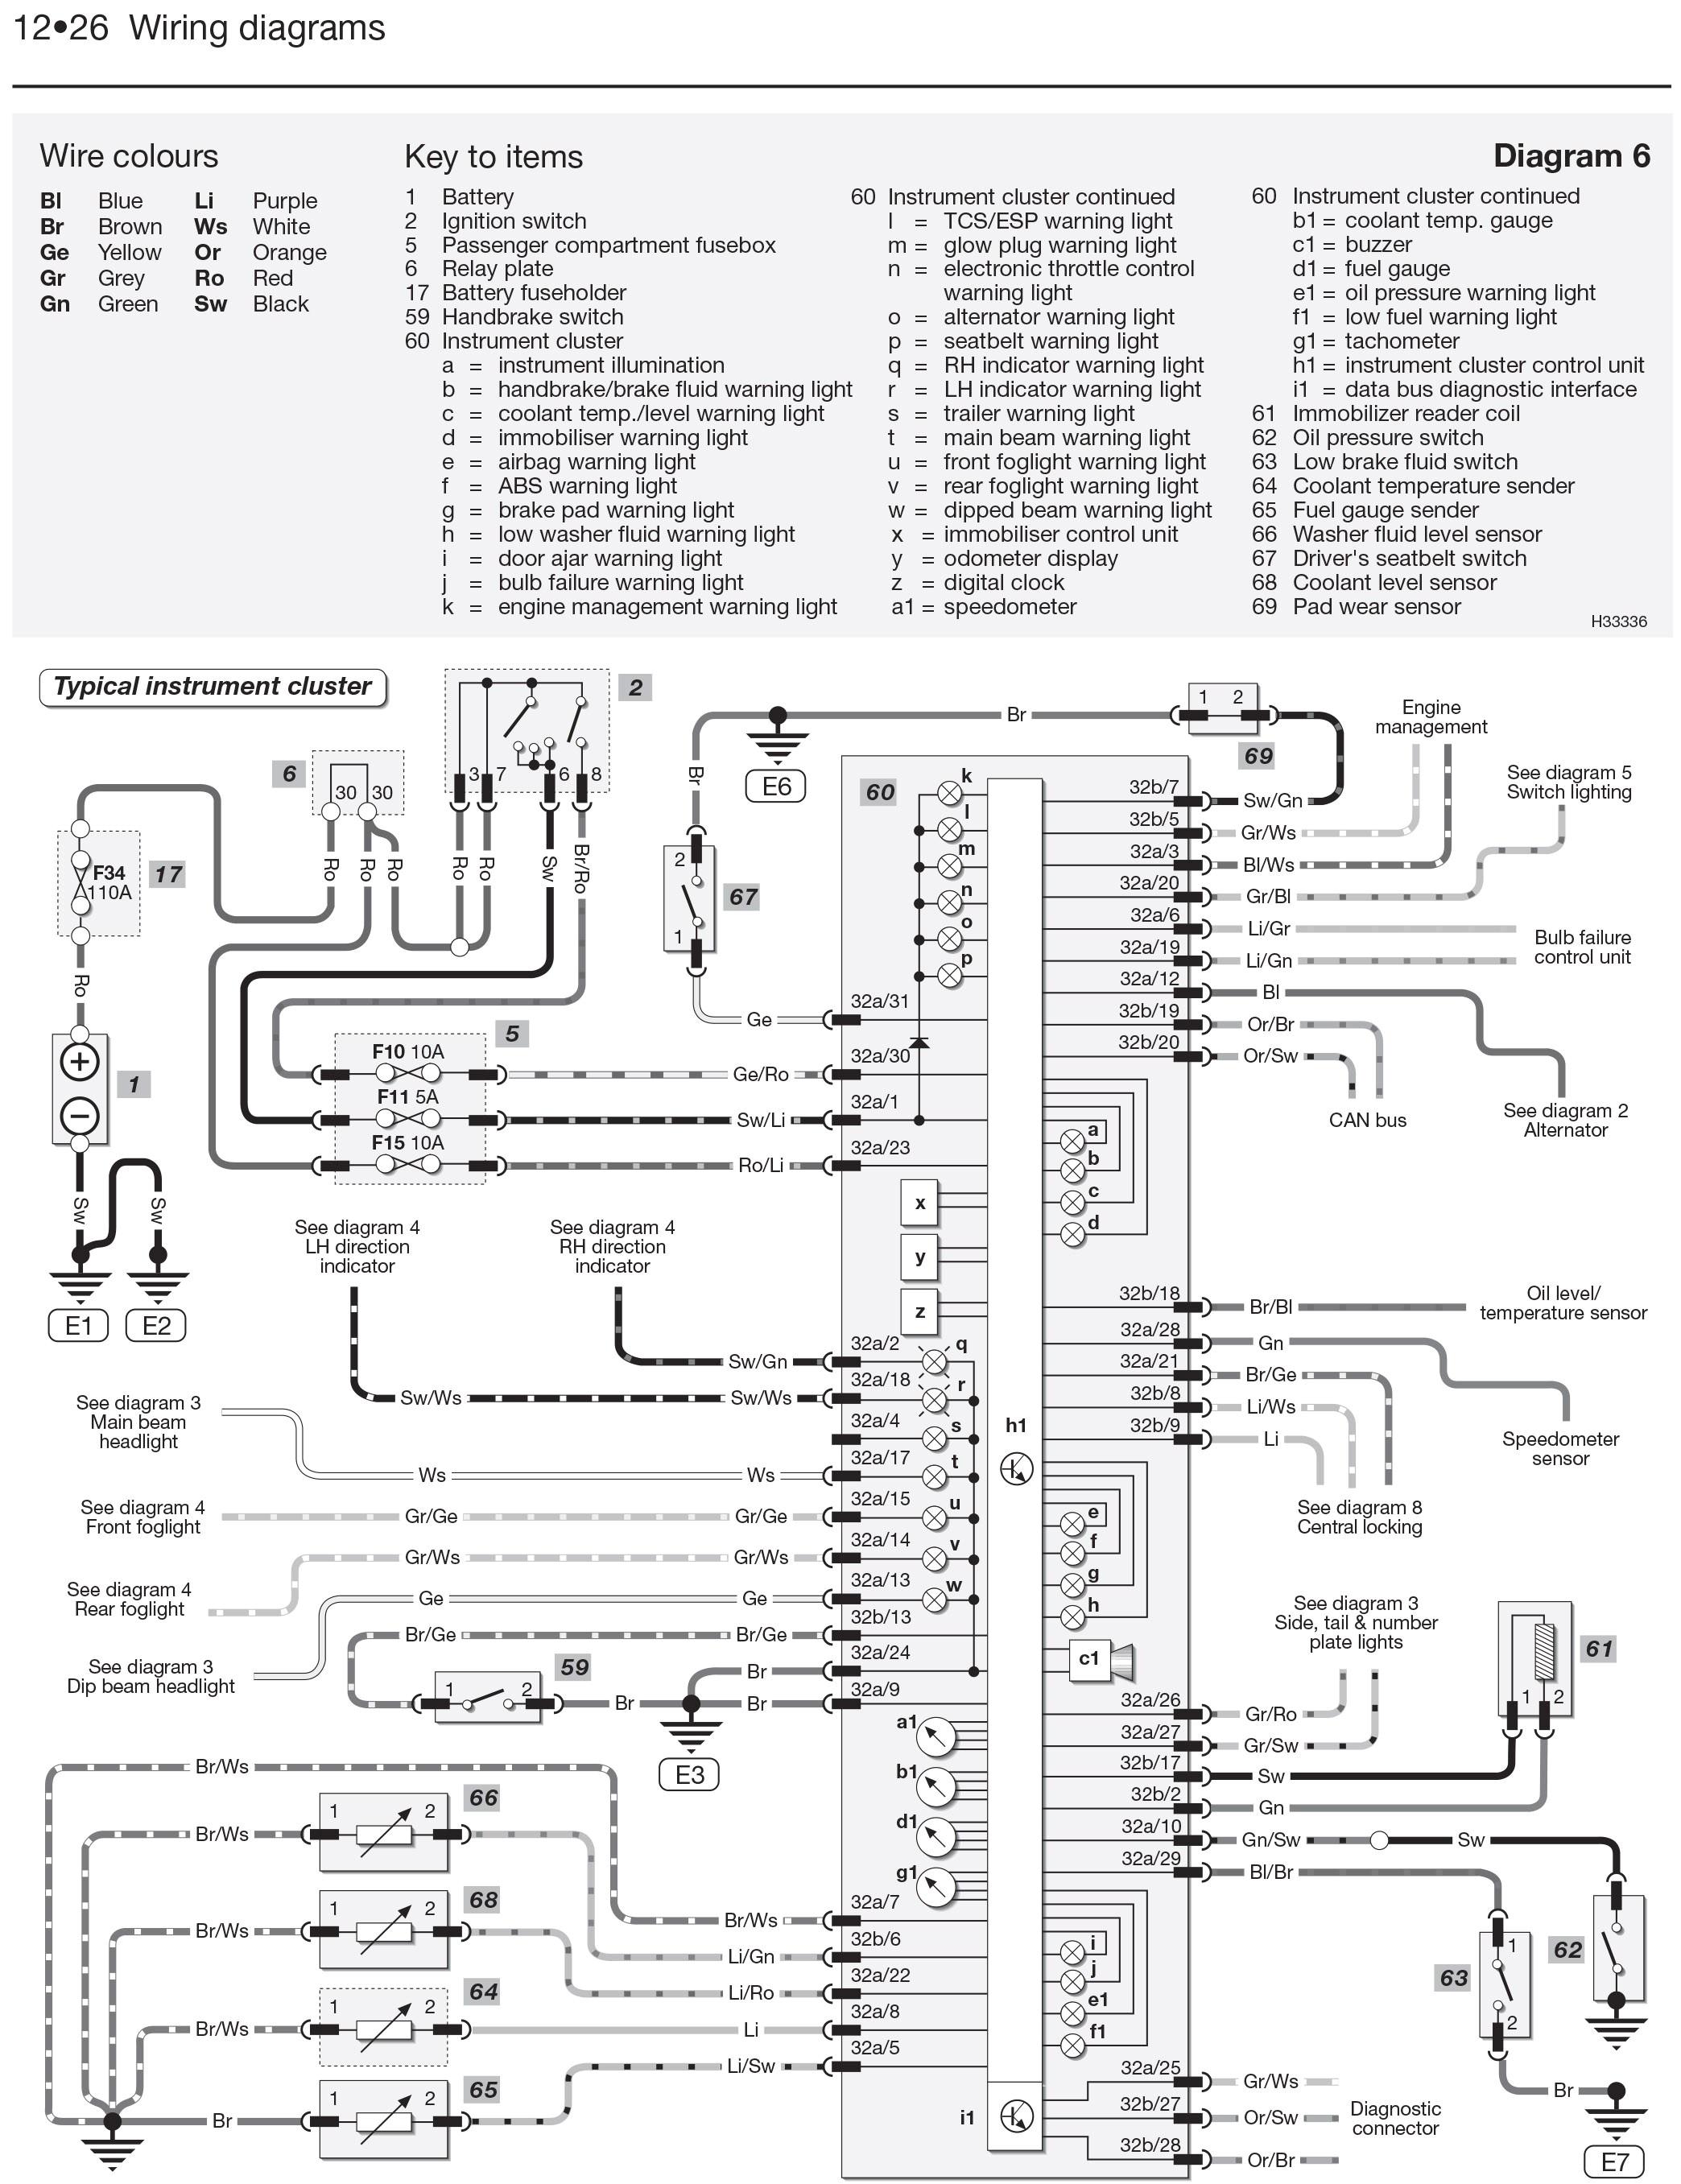 skoda ac wiring diagram wiring diagram name skoda ac wiring diagram wiring diagram skoda octavia ac